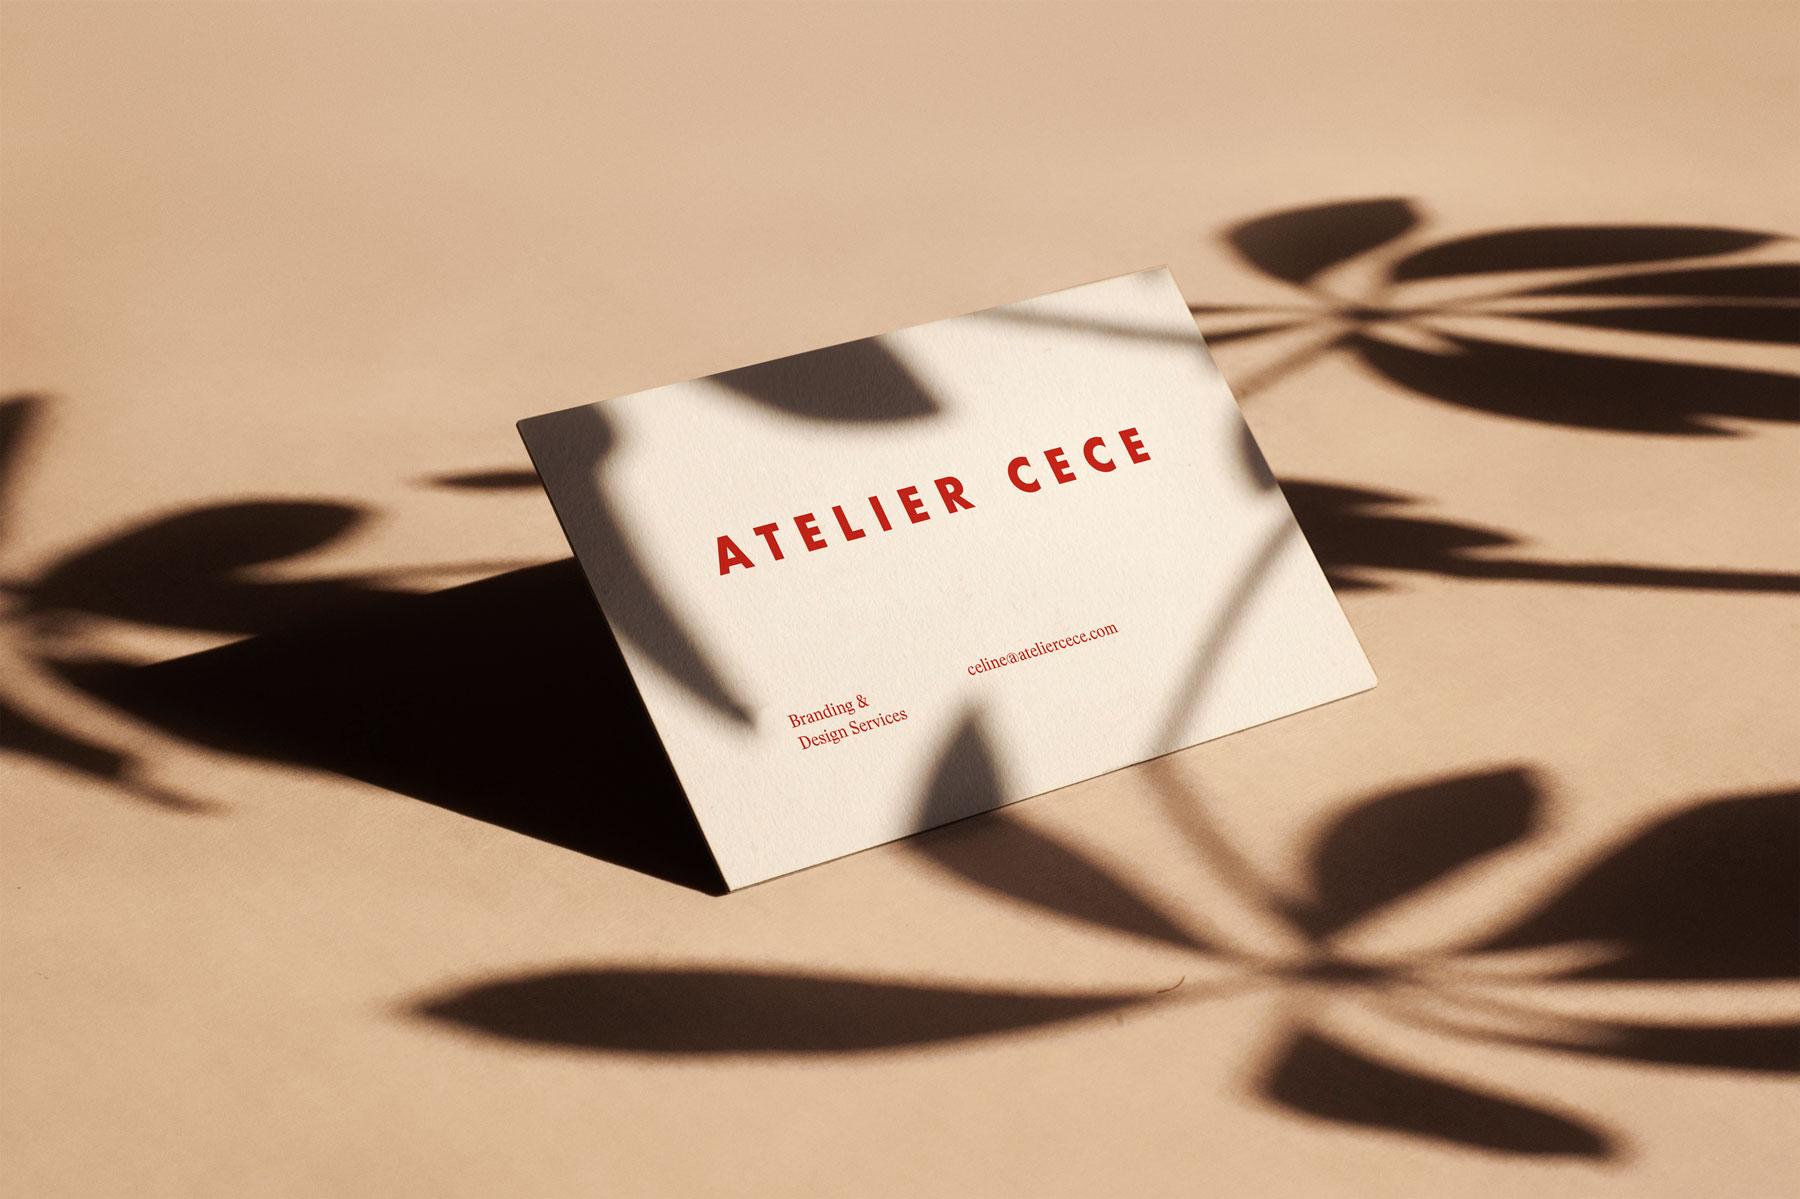 ateliercece-bizcard-03.jpg